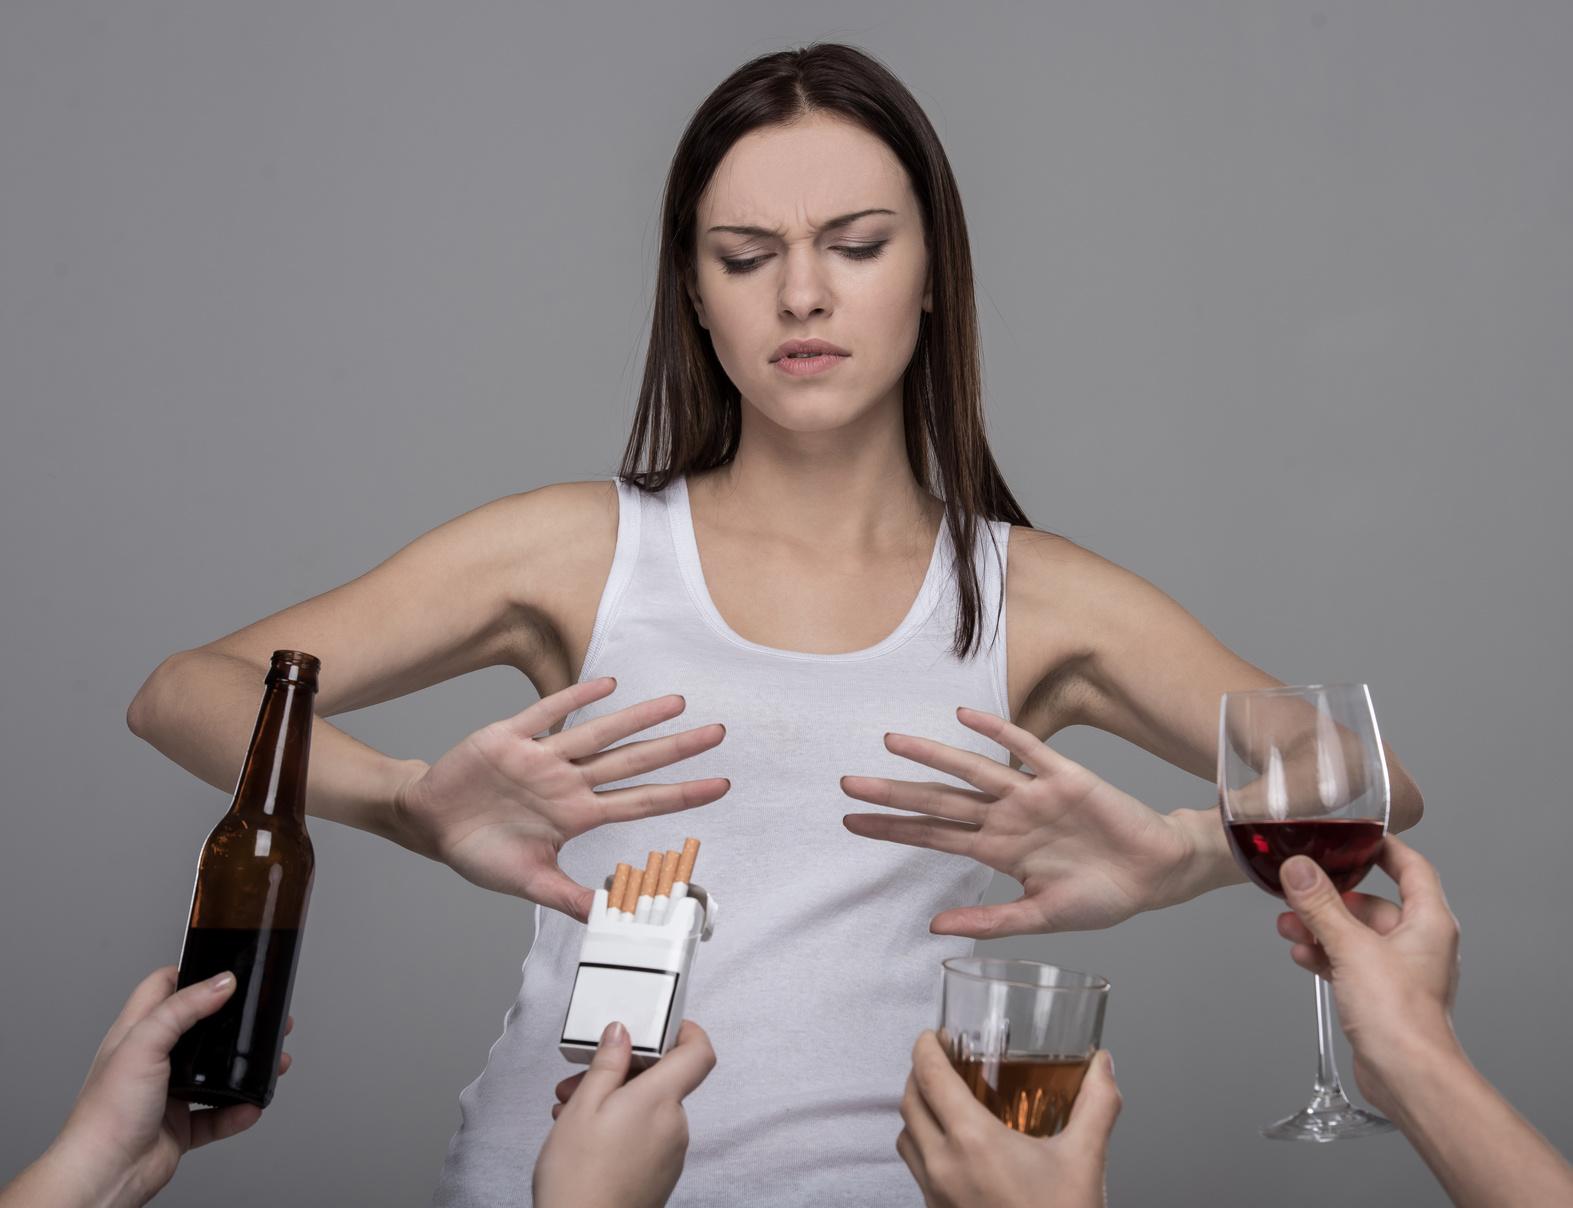 Как самостоятельно бросить пить алкоголь, избавиться от алкогольной зависимости самому